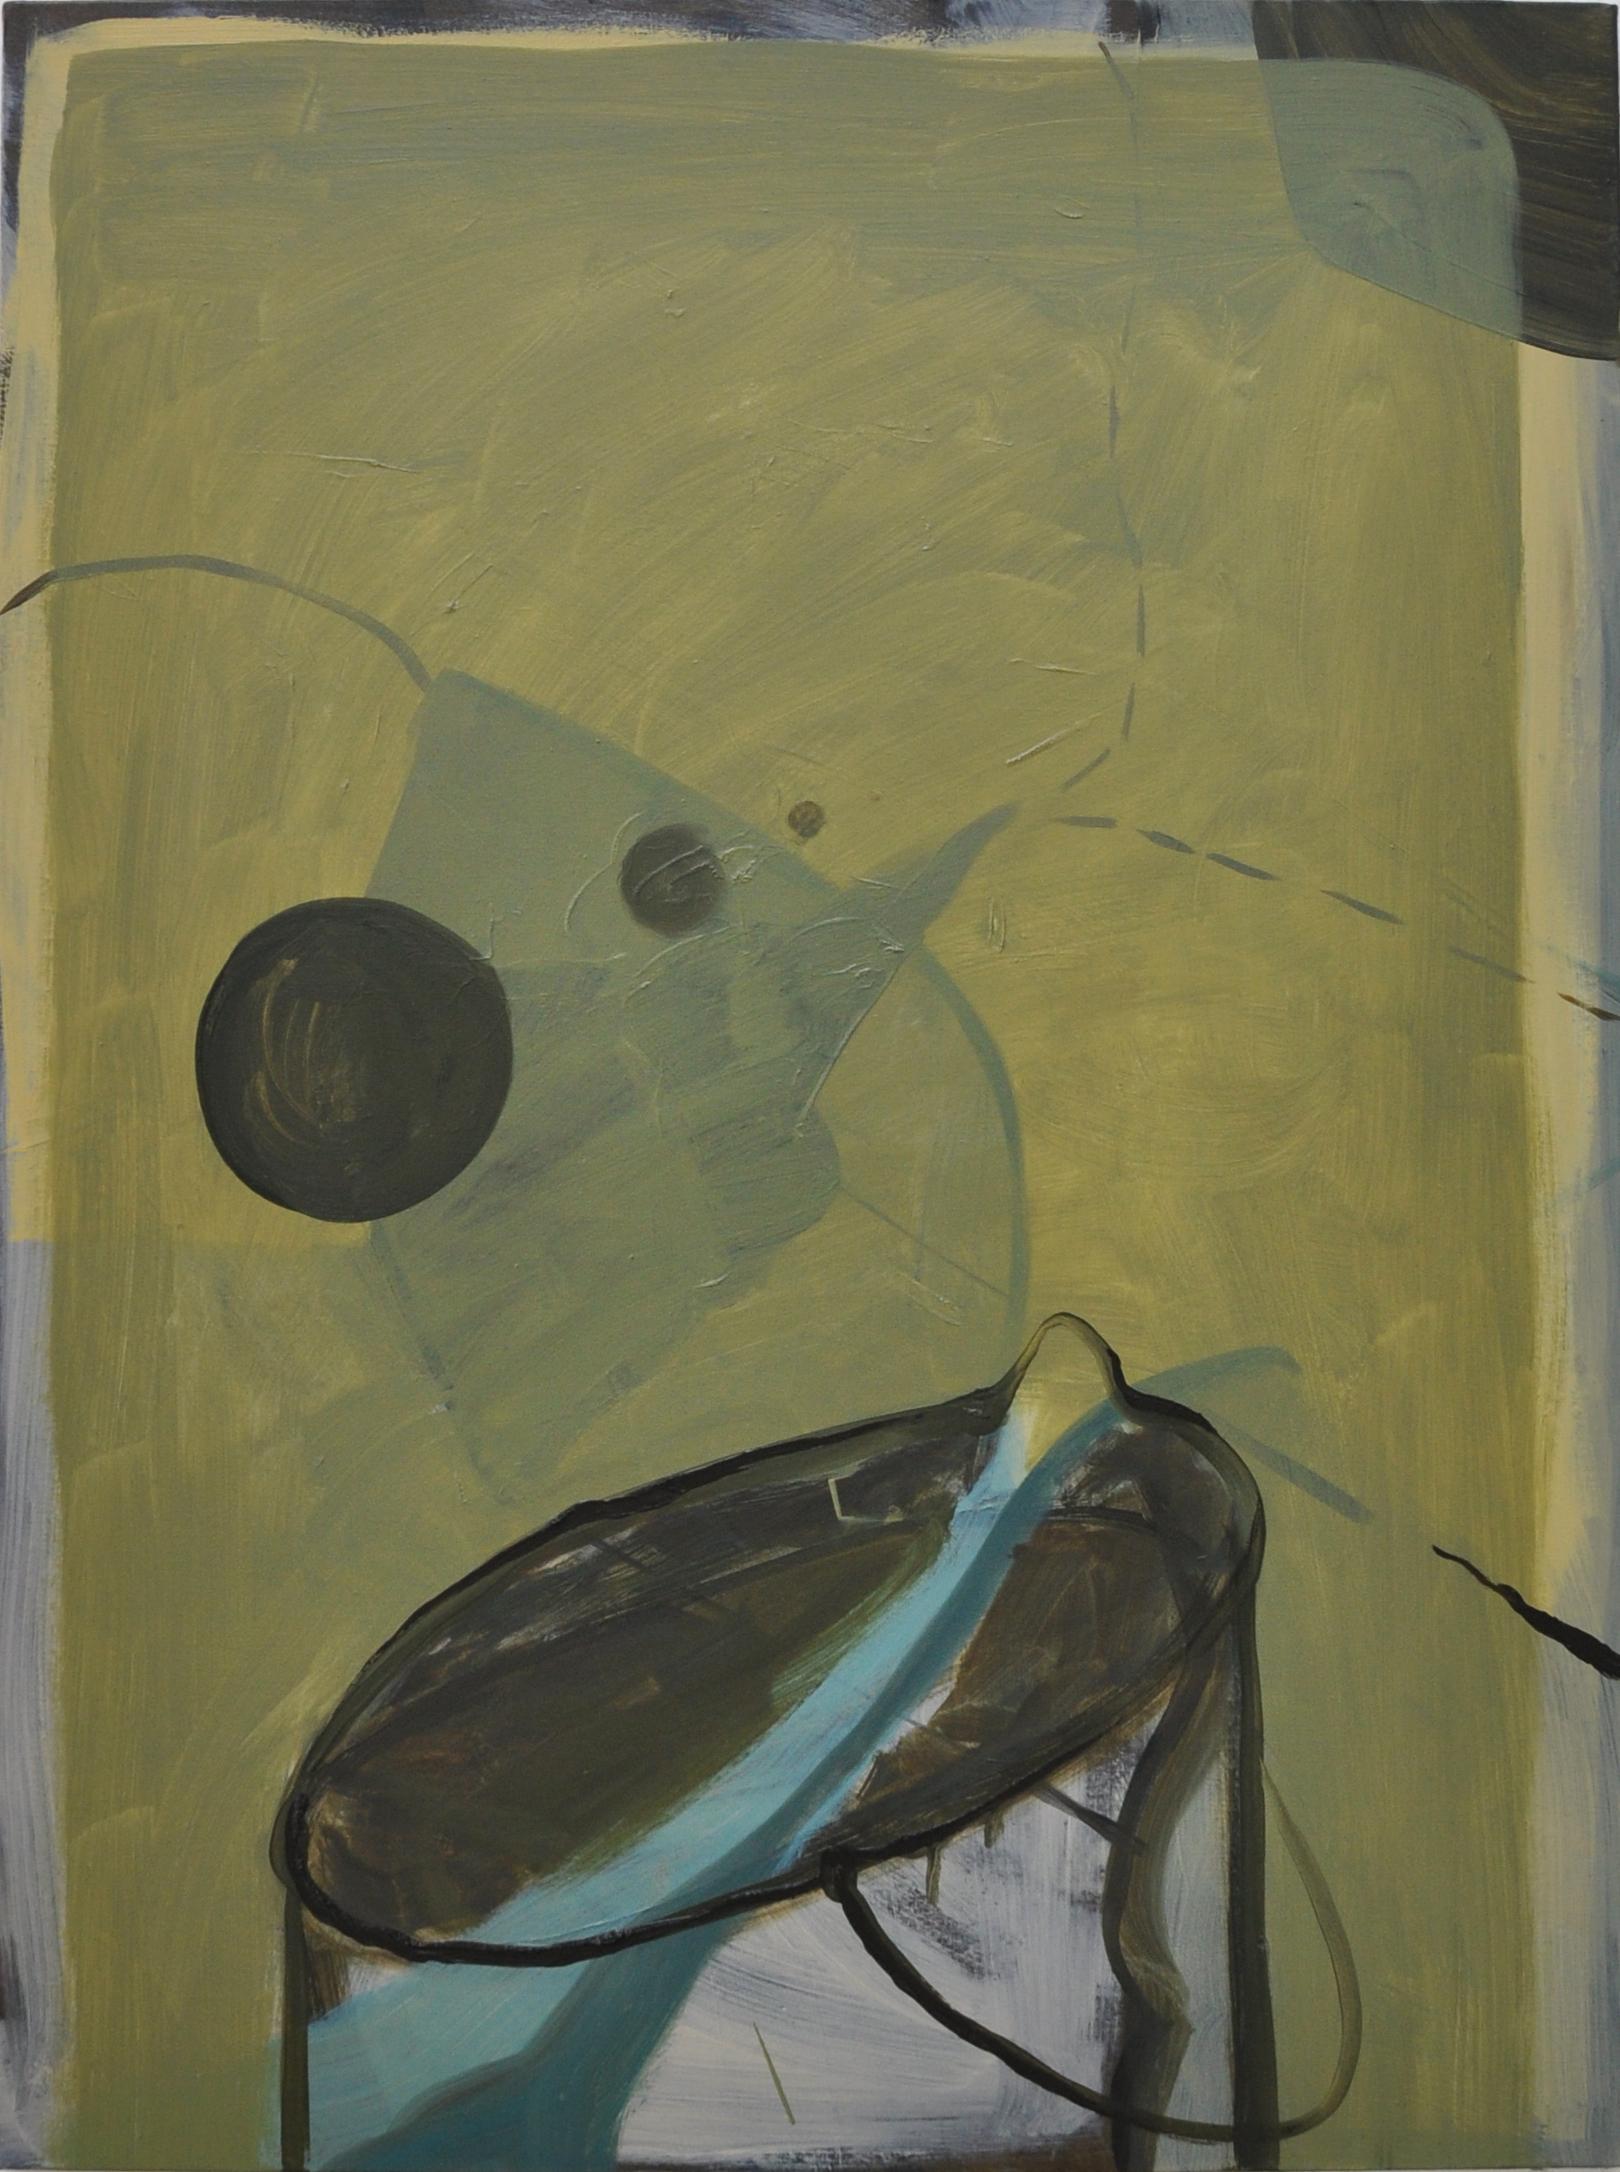 Quandary, 2011, Oil on cotton, 80 x 60 cm